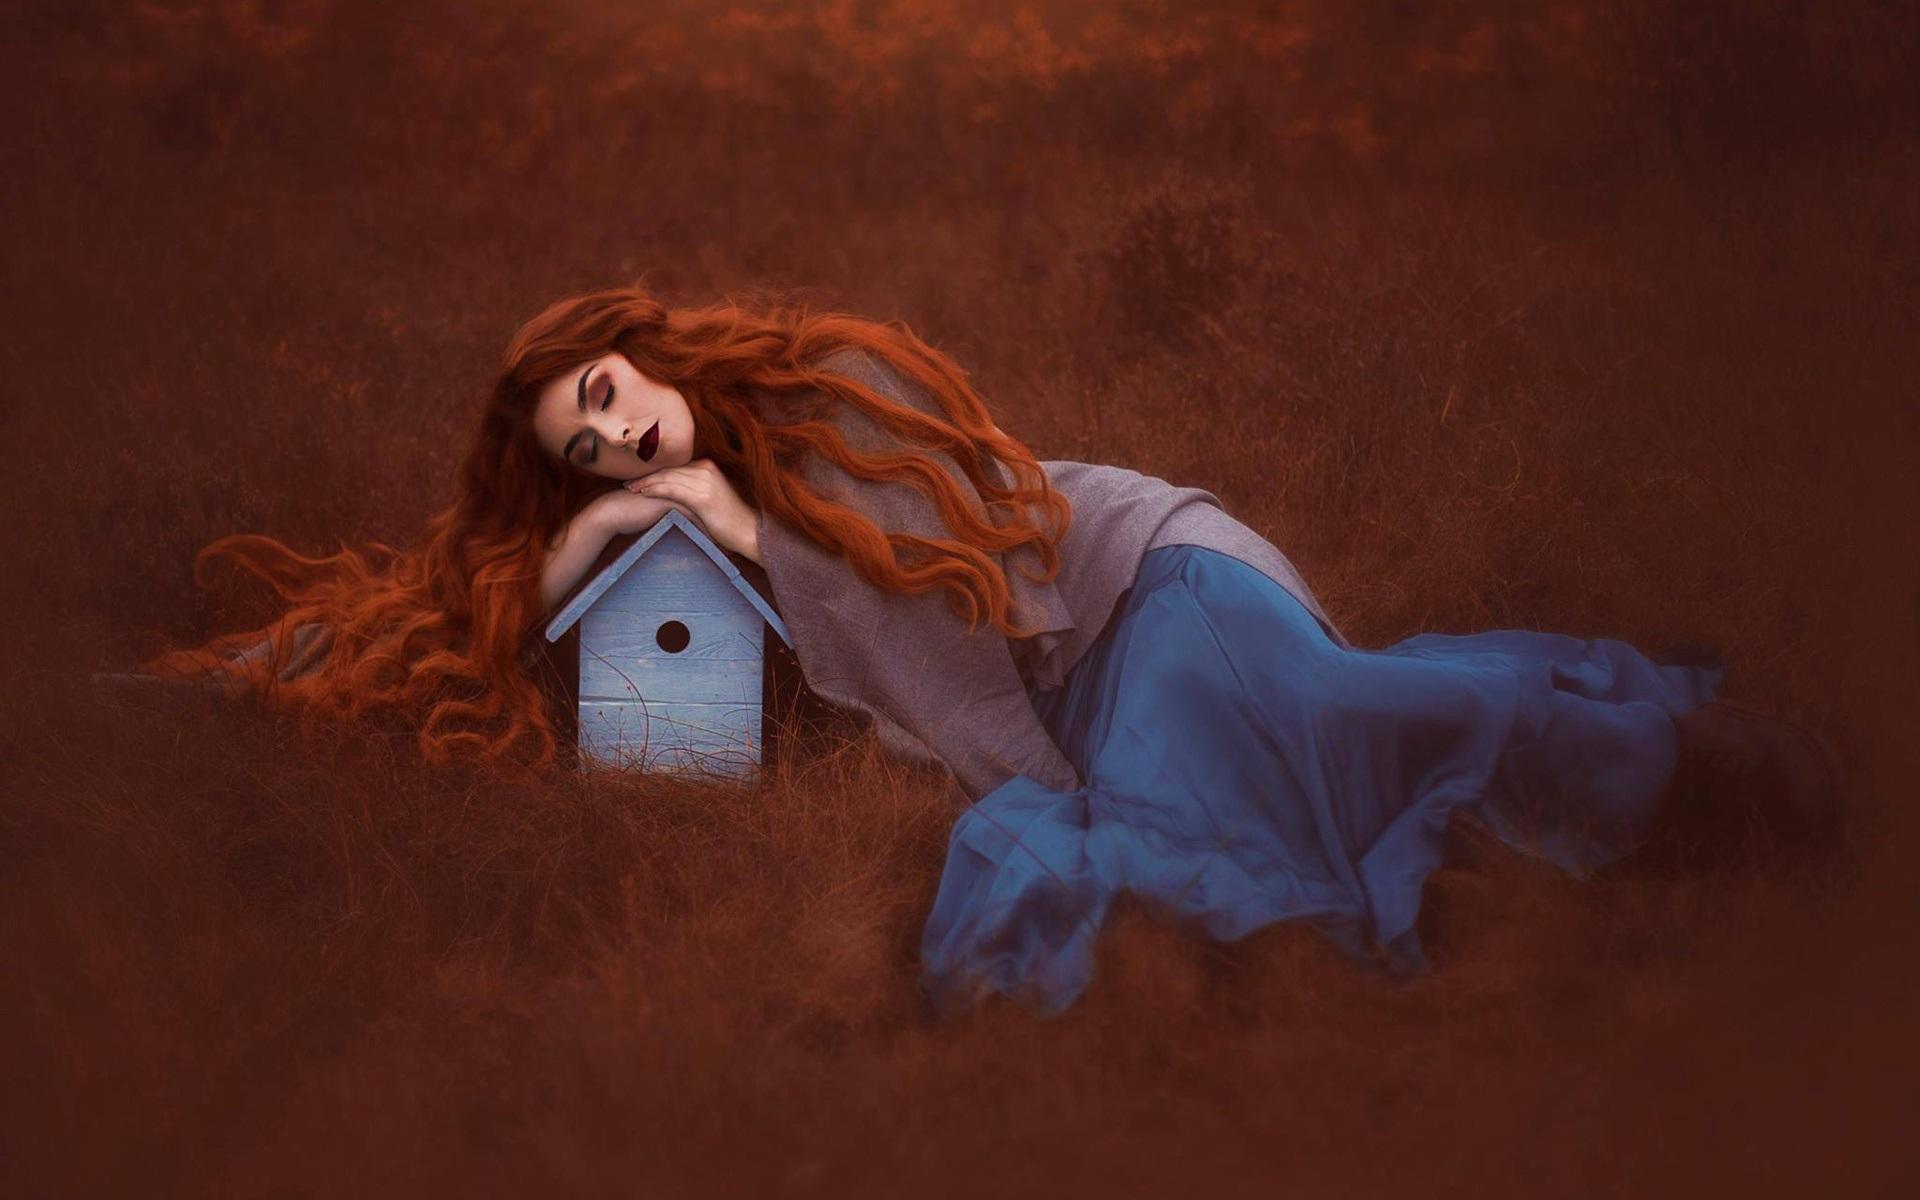 Интерпретация фильма спящая красавица с рыжей девушкой в гл ролях #2